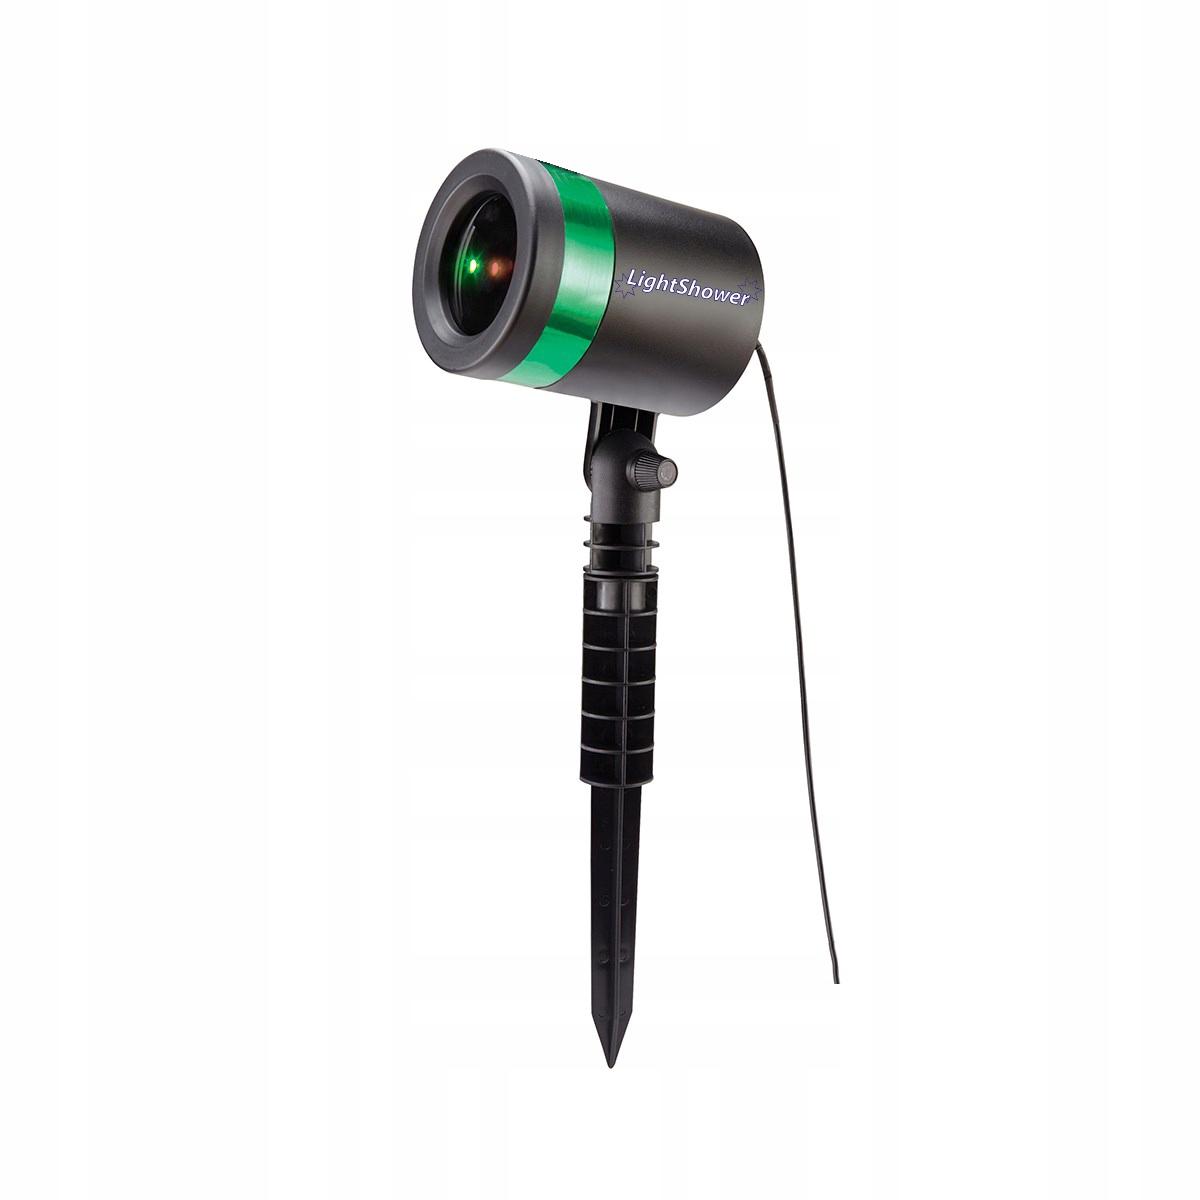 Projektor Laserowy Star Light Shower Pilot Hit 8737168961 Allegro Pl